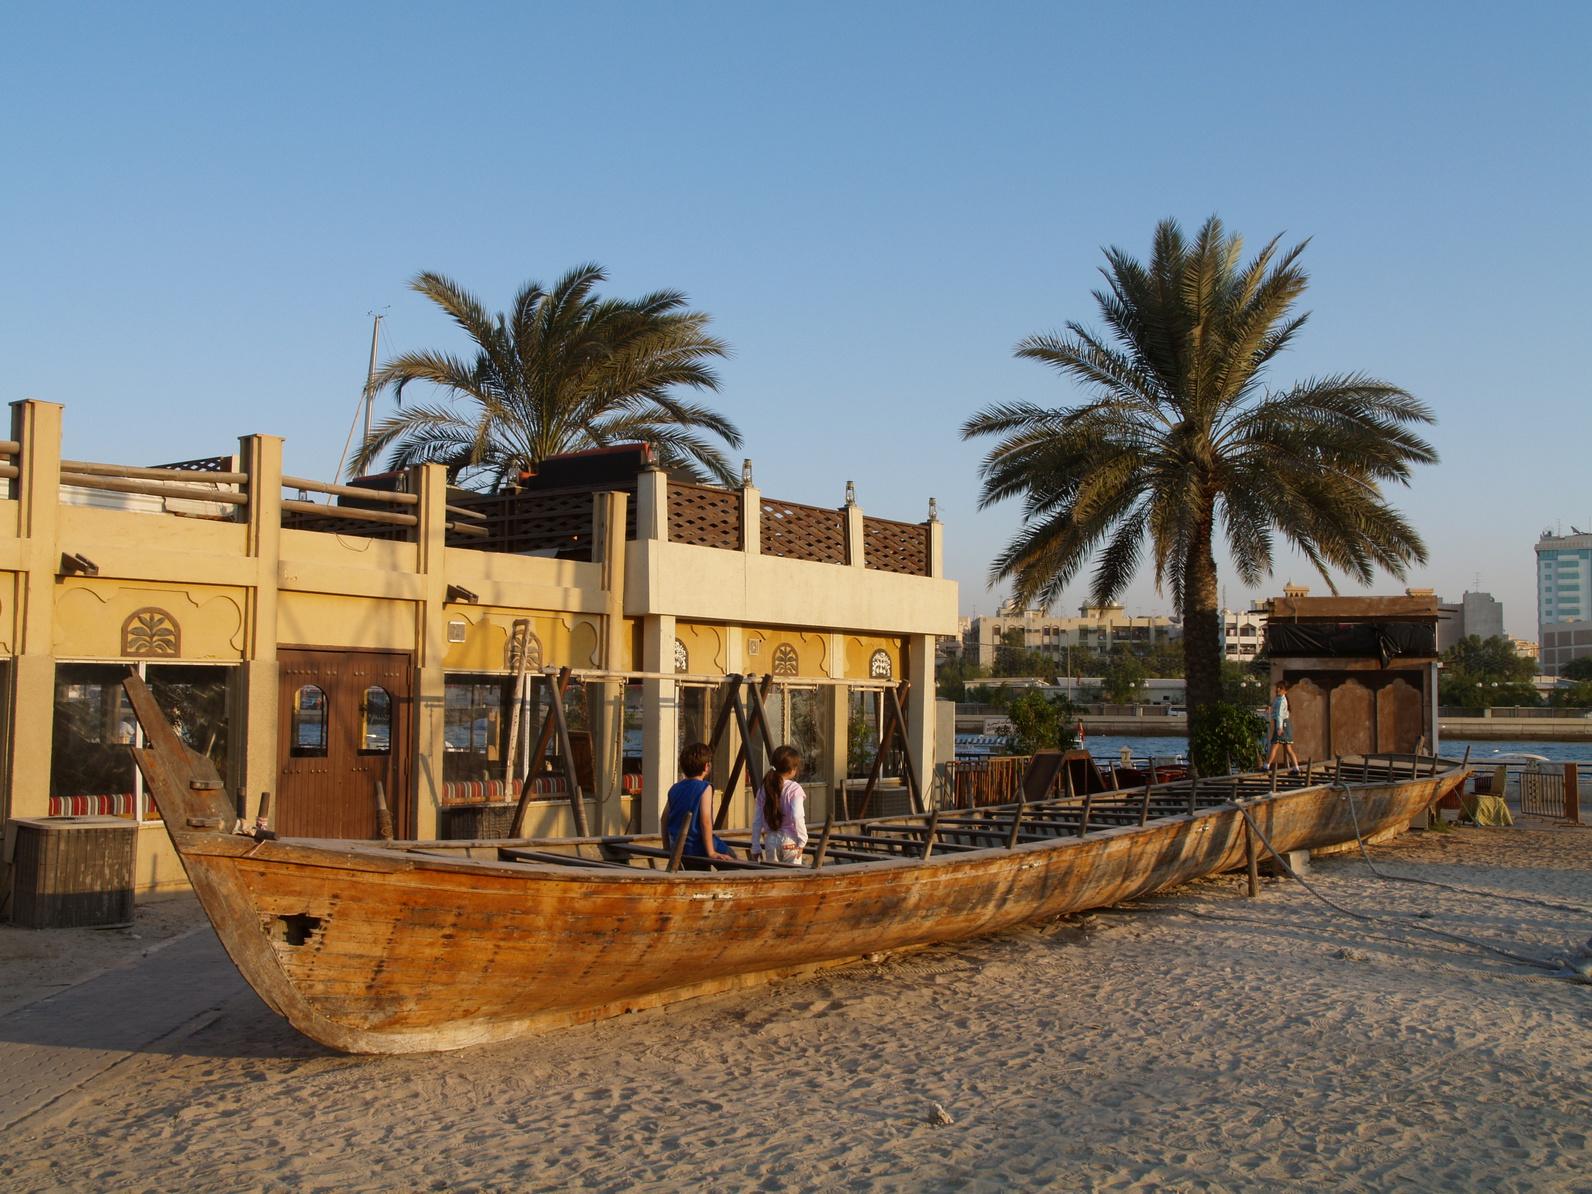 Dubai utazás - Egyesült Arab Emírségek | OTP TRAVEL Utazási Iroda